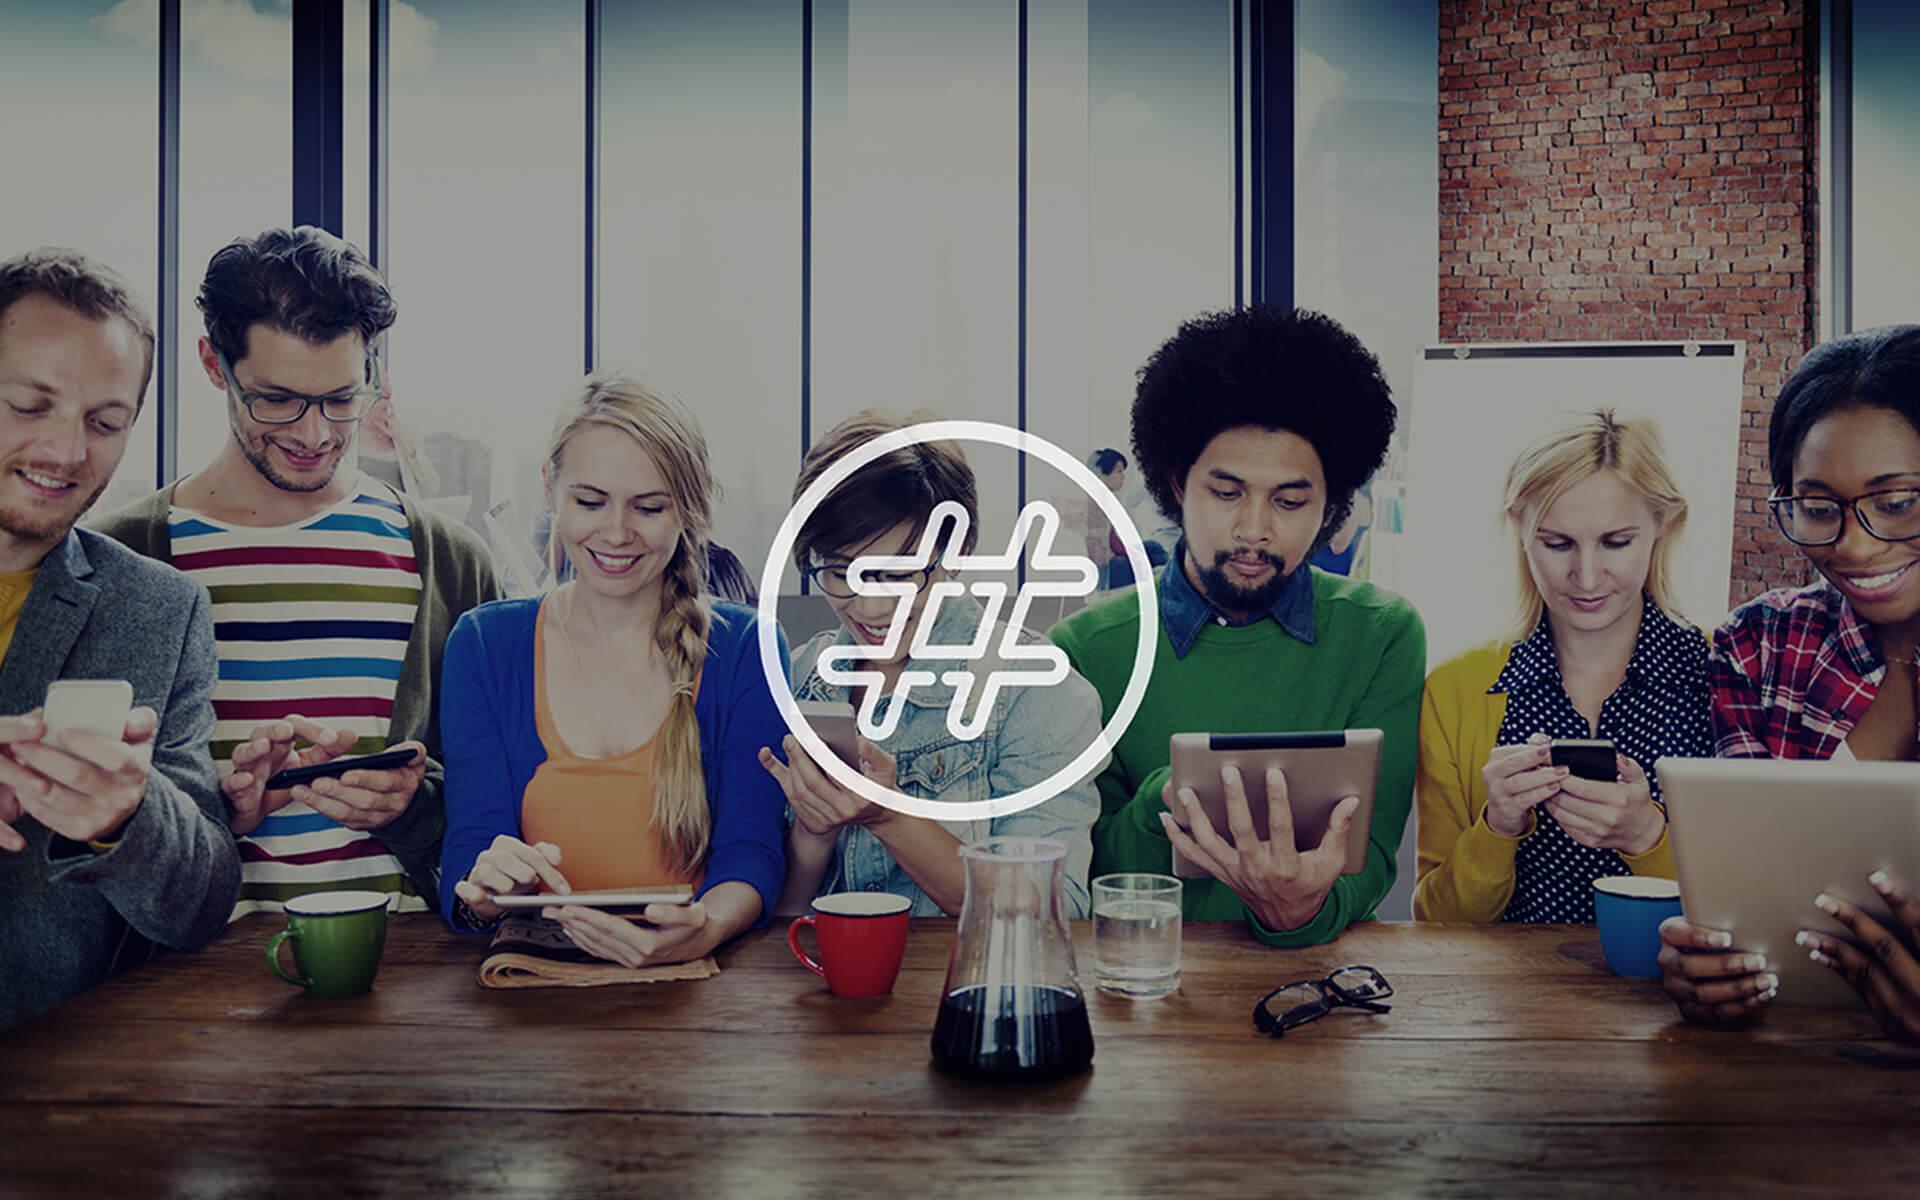 Fünf Personen sitzen zusammen und schauen auf ihre mobilen Geräte, während vorne das Symbol einer Raute zu sehen ist.